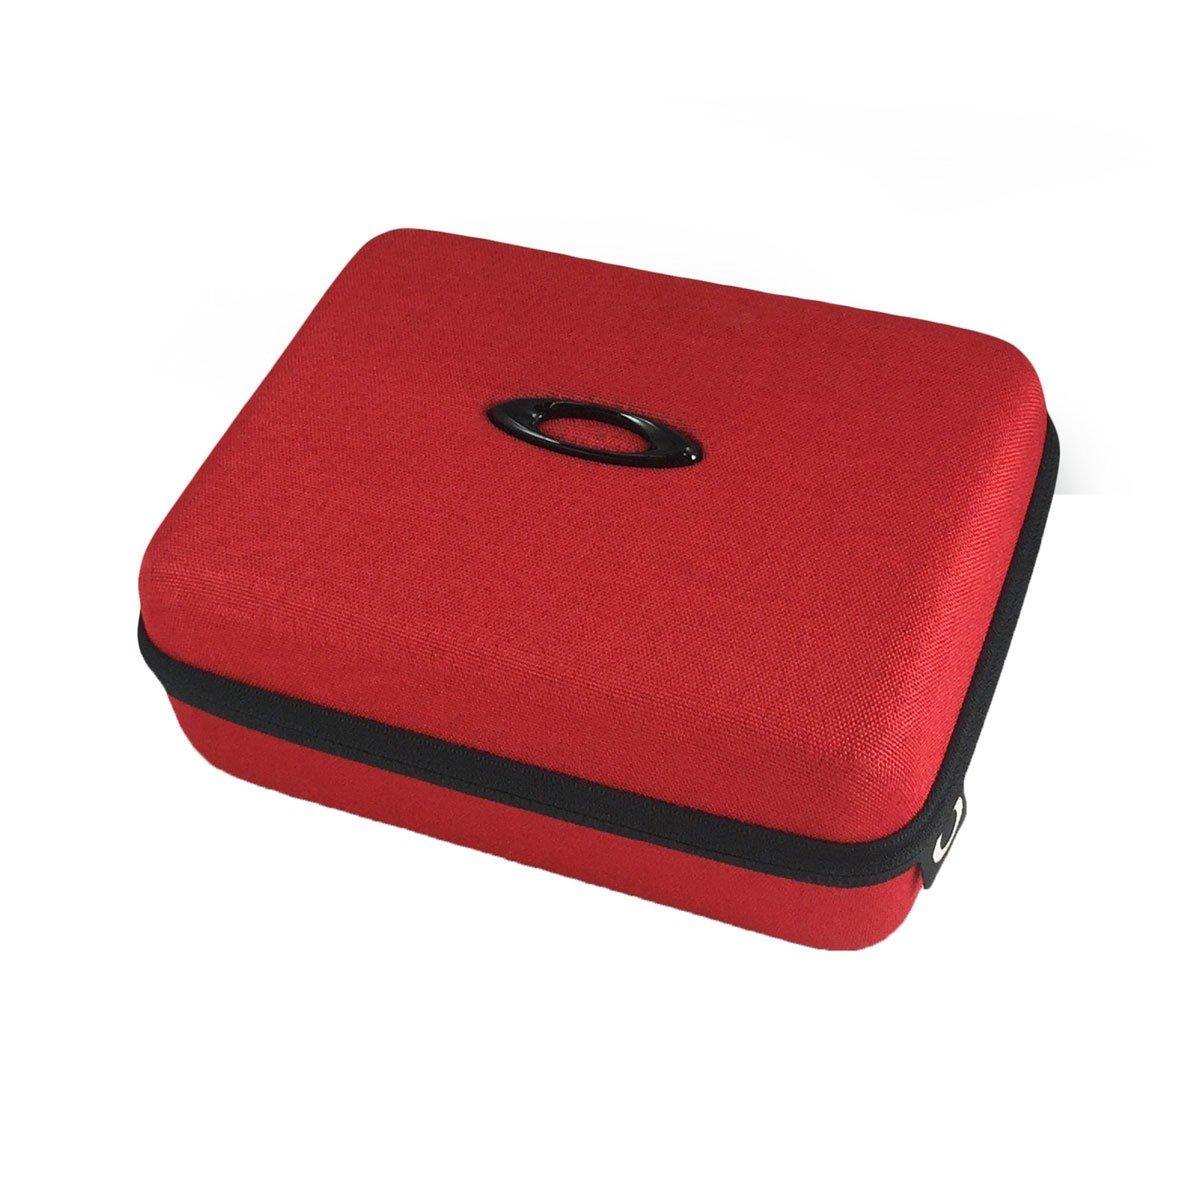 Oakley Ellipse O Array Case Sunglass Accessories - Red/One Size by Oakley